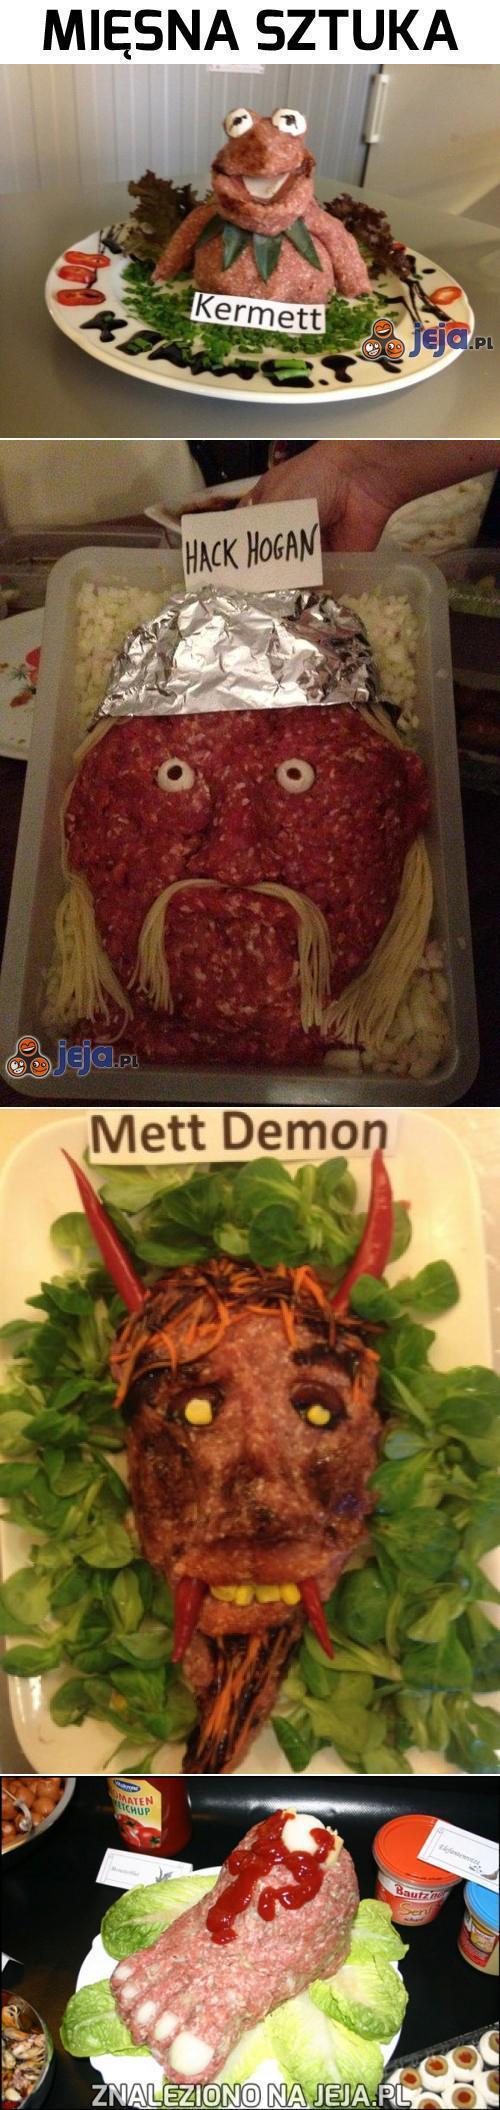 Mięsna sztuka